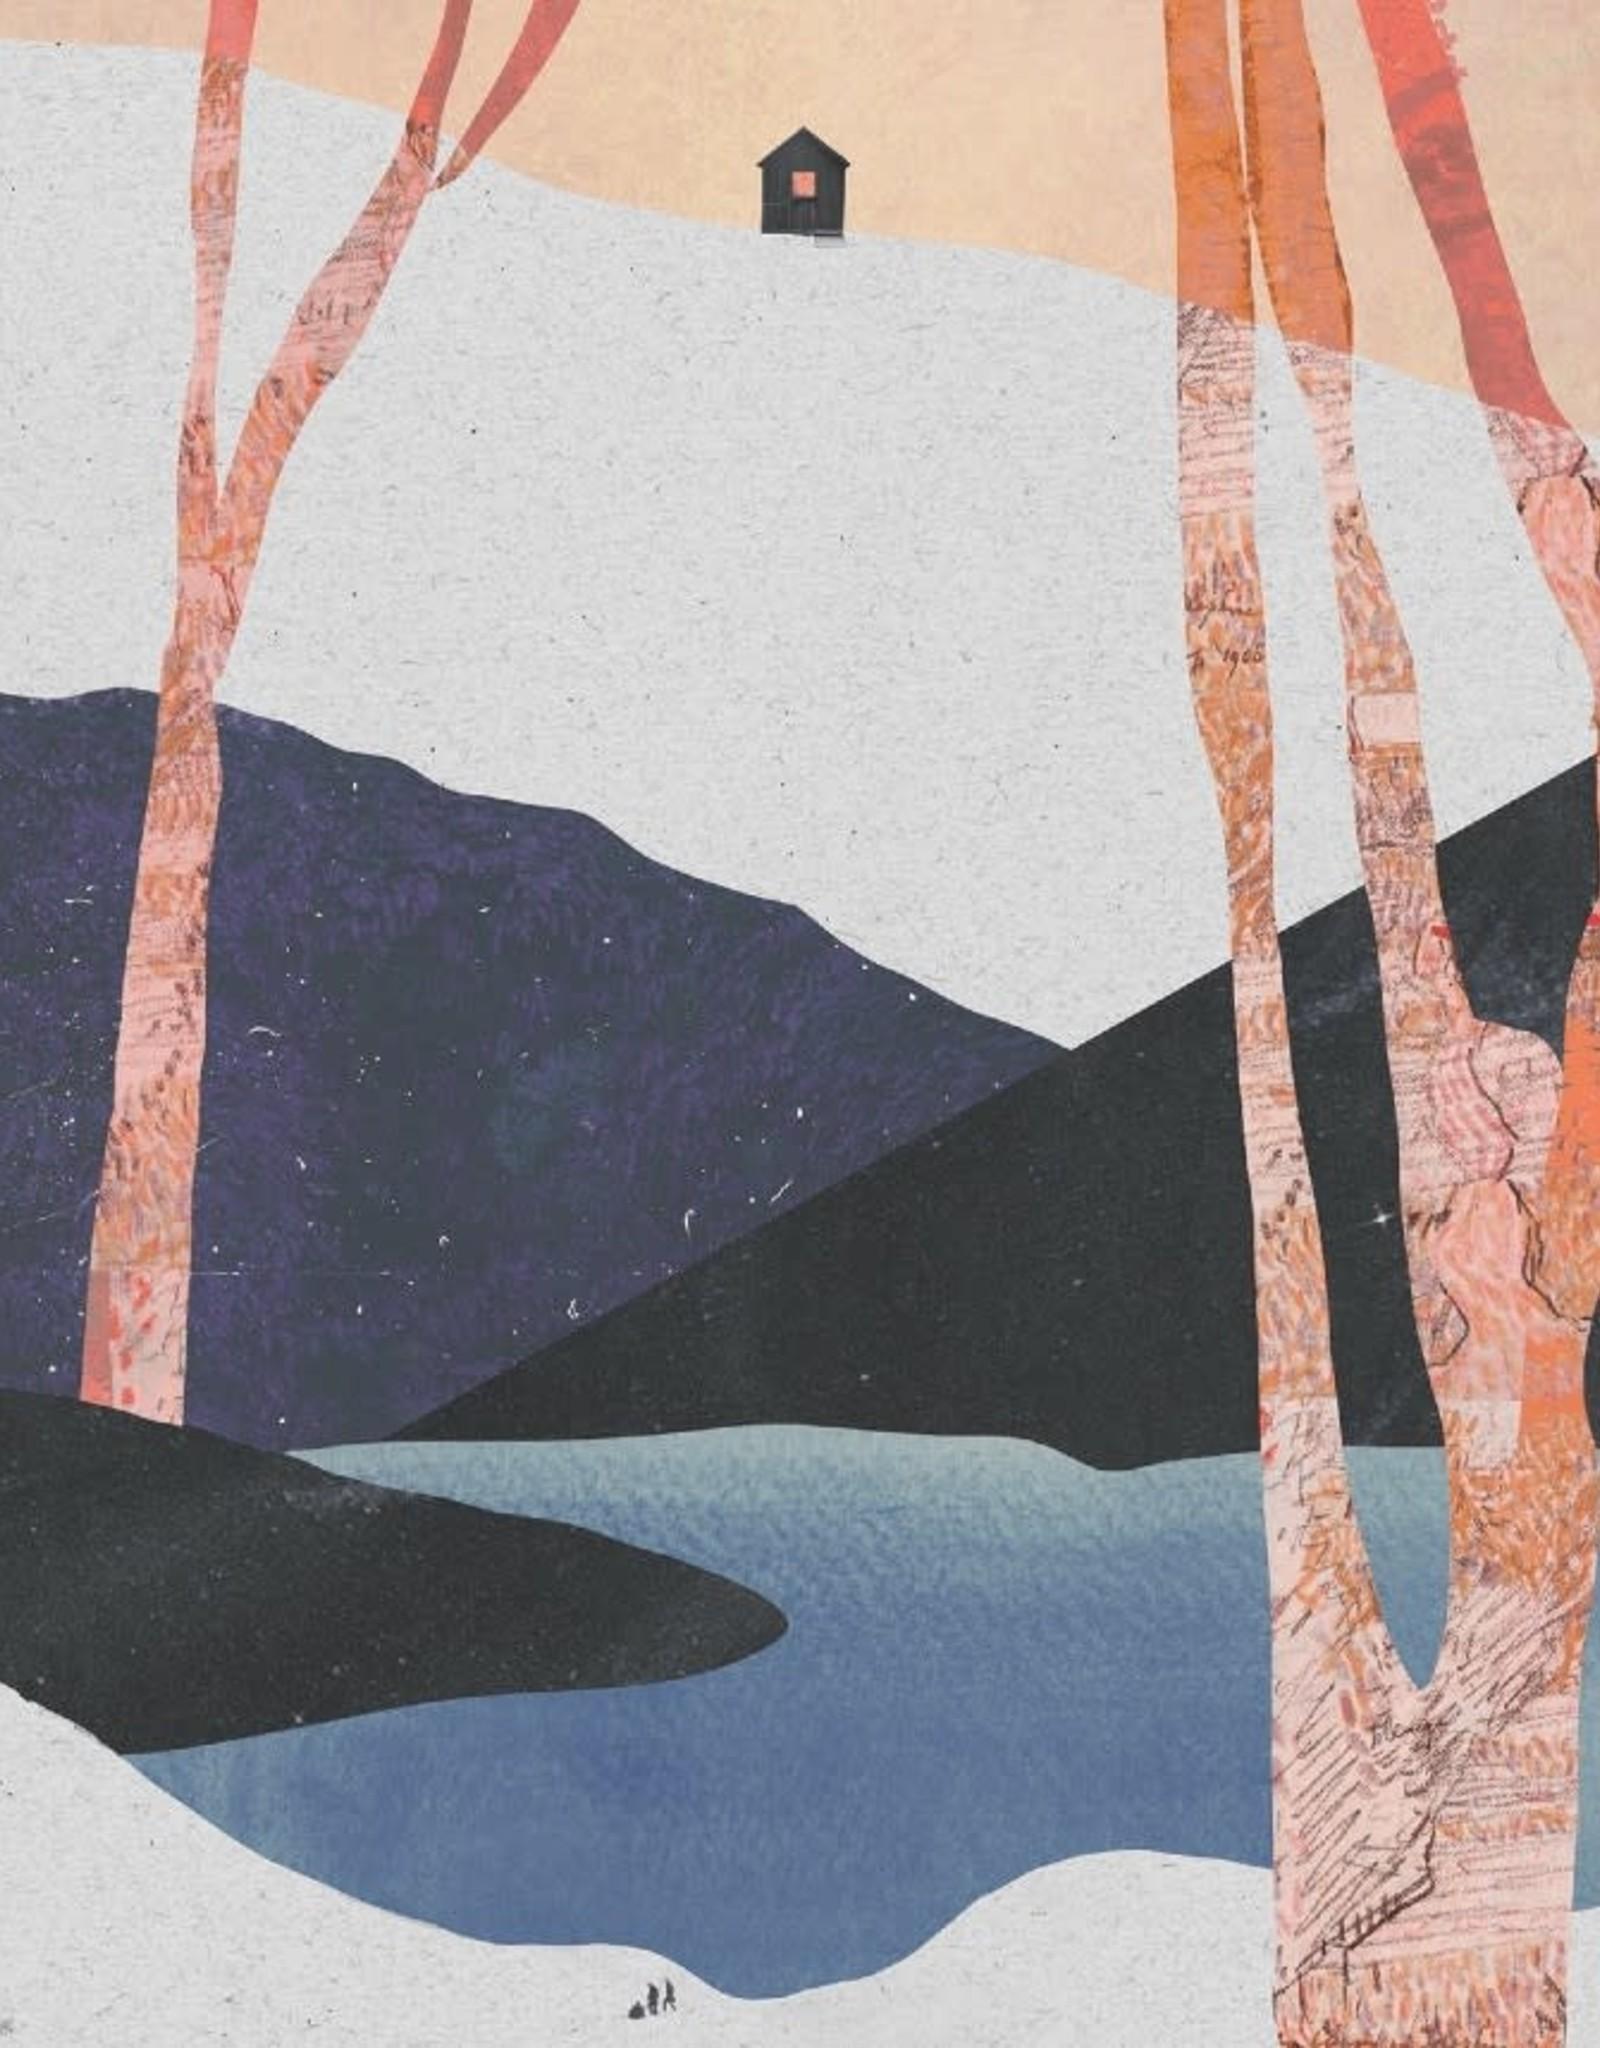 DRÉA Collage Affiche 11X14 Le refuge Dréa Collage